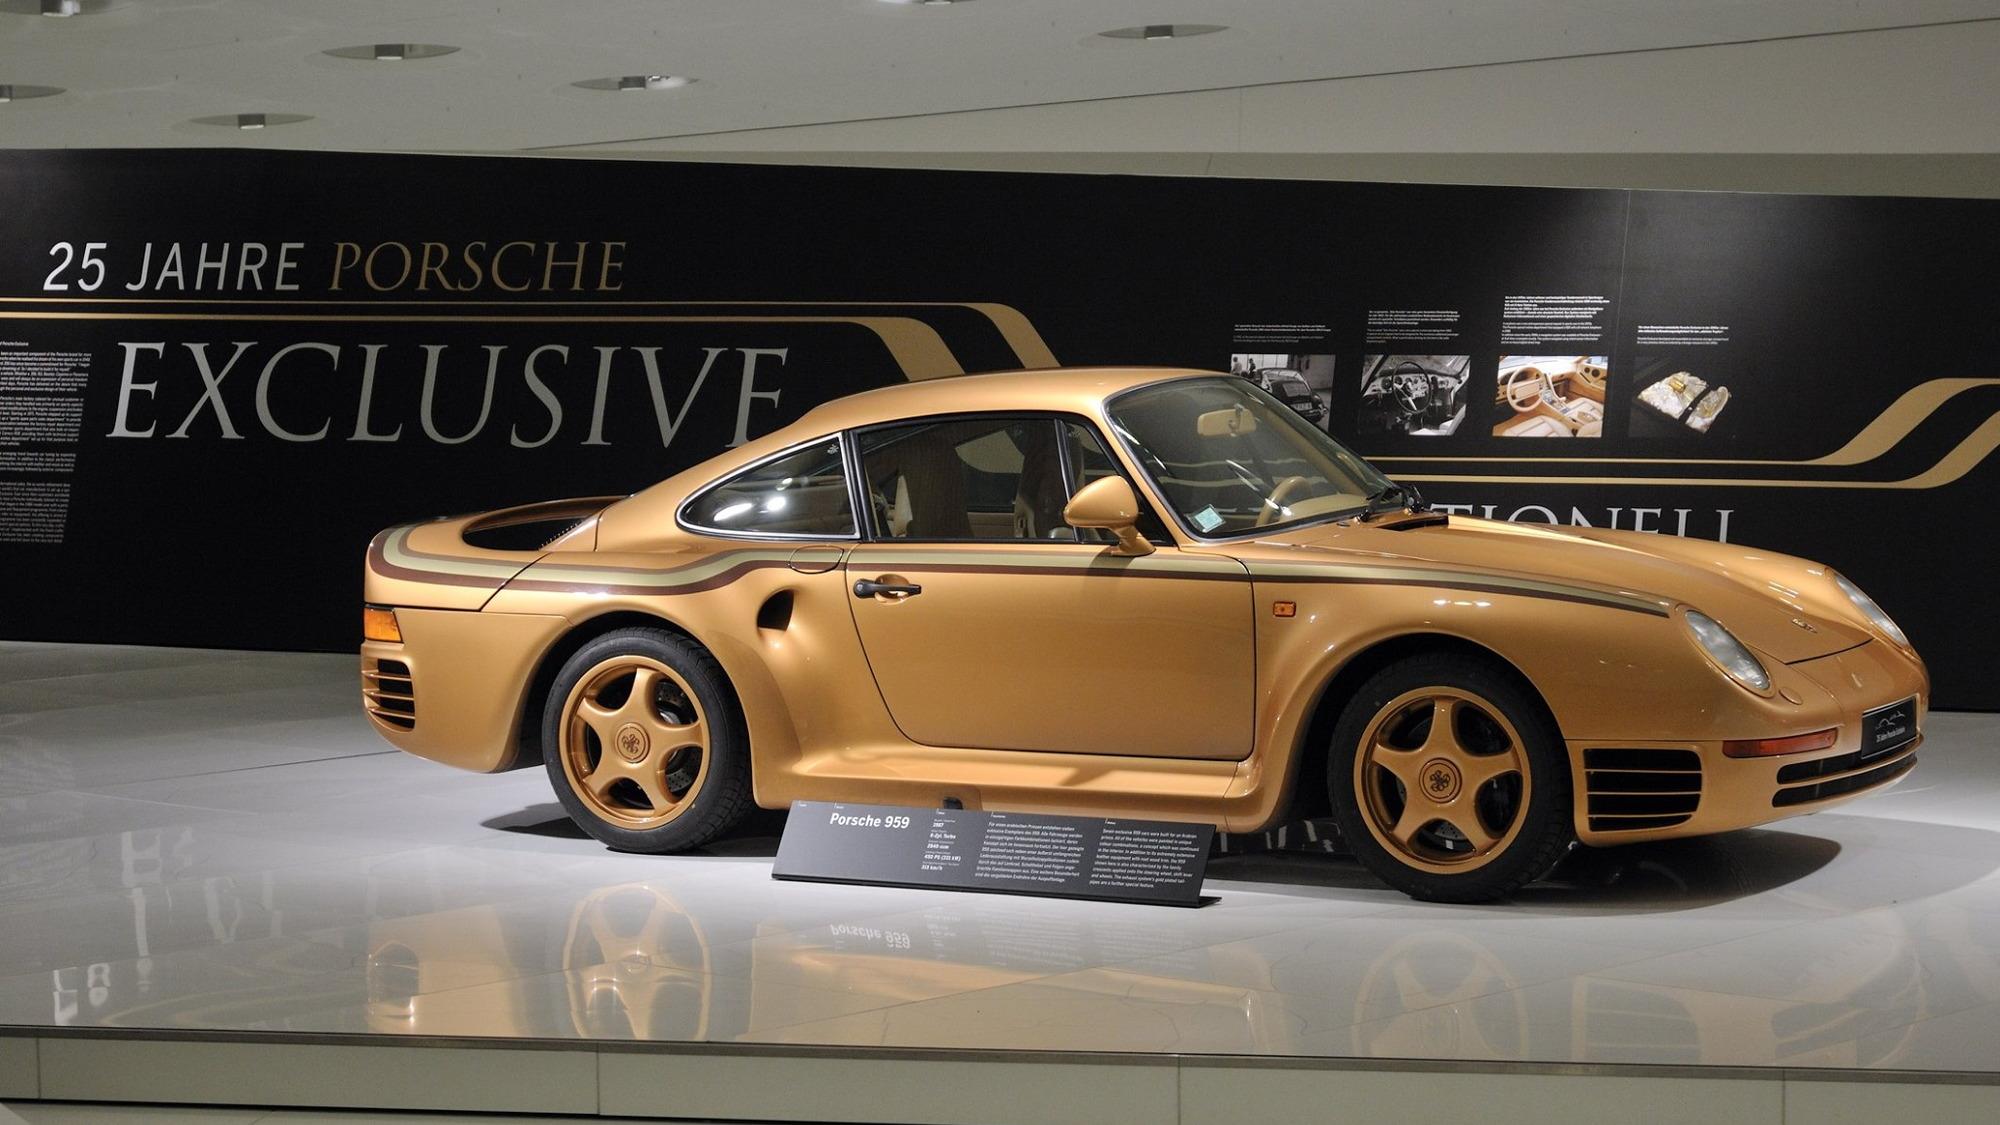 Porsche 959 Exclusives for Arab sheikh